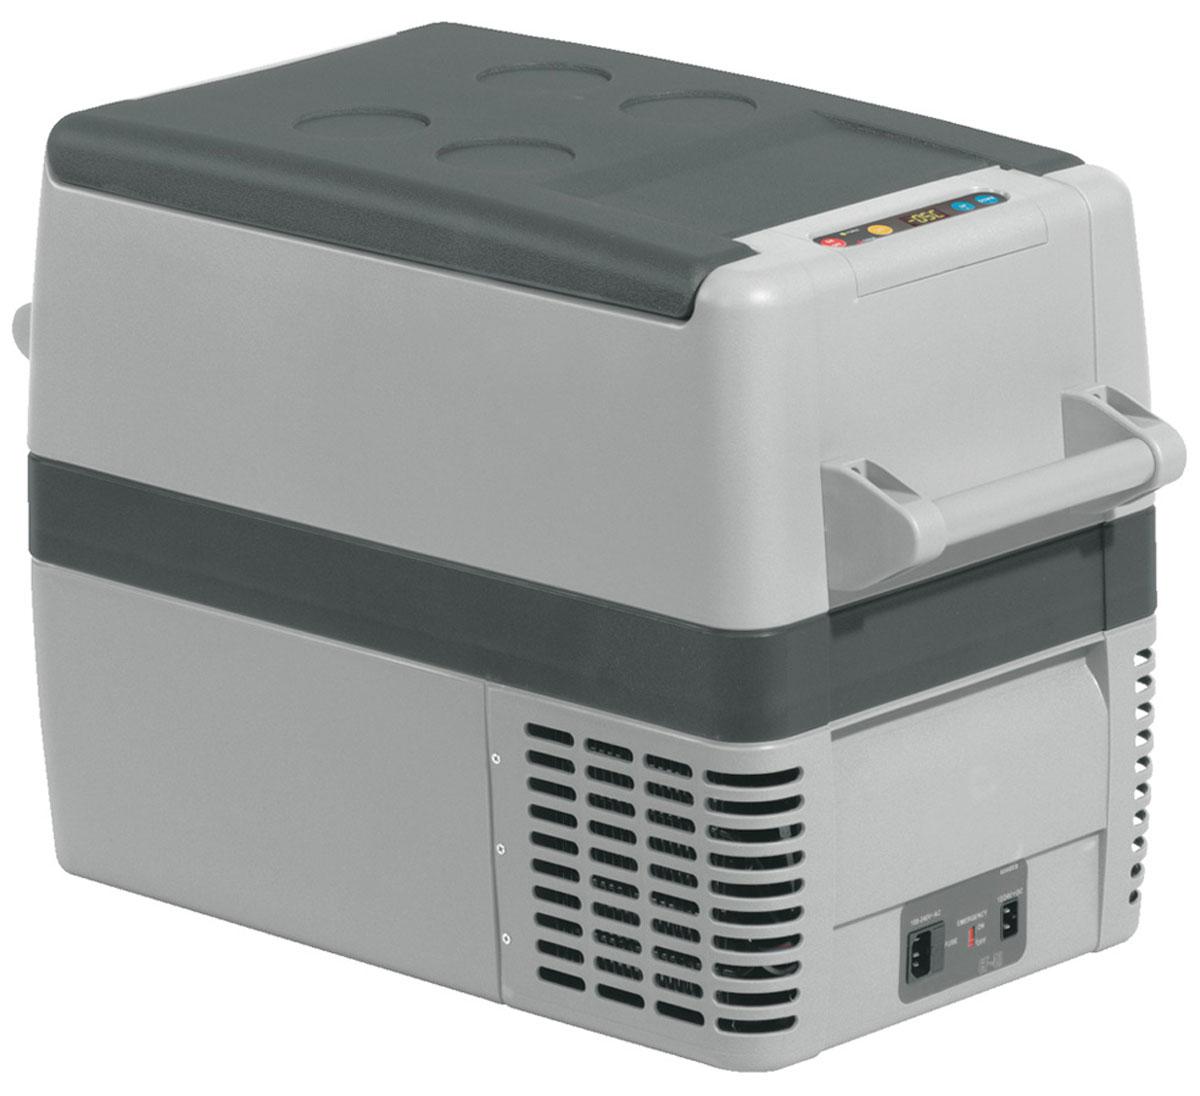 Waeco CoolFreeze CF-40 АС автохолодильник компрессорный 37 лMF-1F-12/24Автомобильный компрессорный холодильник Waeco CoolFreeze CF-40 АС предназначен для эксплуатации на отдыхе, в походах или путешествиях. Он оснащен уникальным маленьким герметичным компрессором переменного тока. Производителем также предусмотрена специальная защитная система от перепадов напряжения.Автомобильные холодильники от компании Waeco эффективно работают в любое время года, практичны и удобны в эксплуатации, а также отличаются прочностью и долговечностью.Быстрое охлаждение3-х ступенчатое защитное релеВнутреннее освещениеСъемная крышкаОхлаждение: от +10 до -18°СВынимающаяся корзина